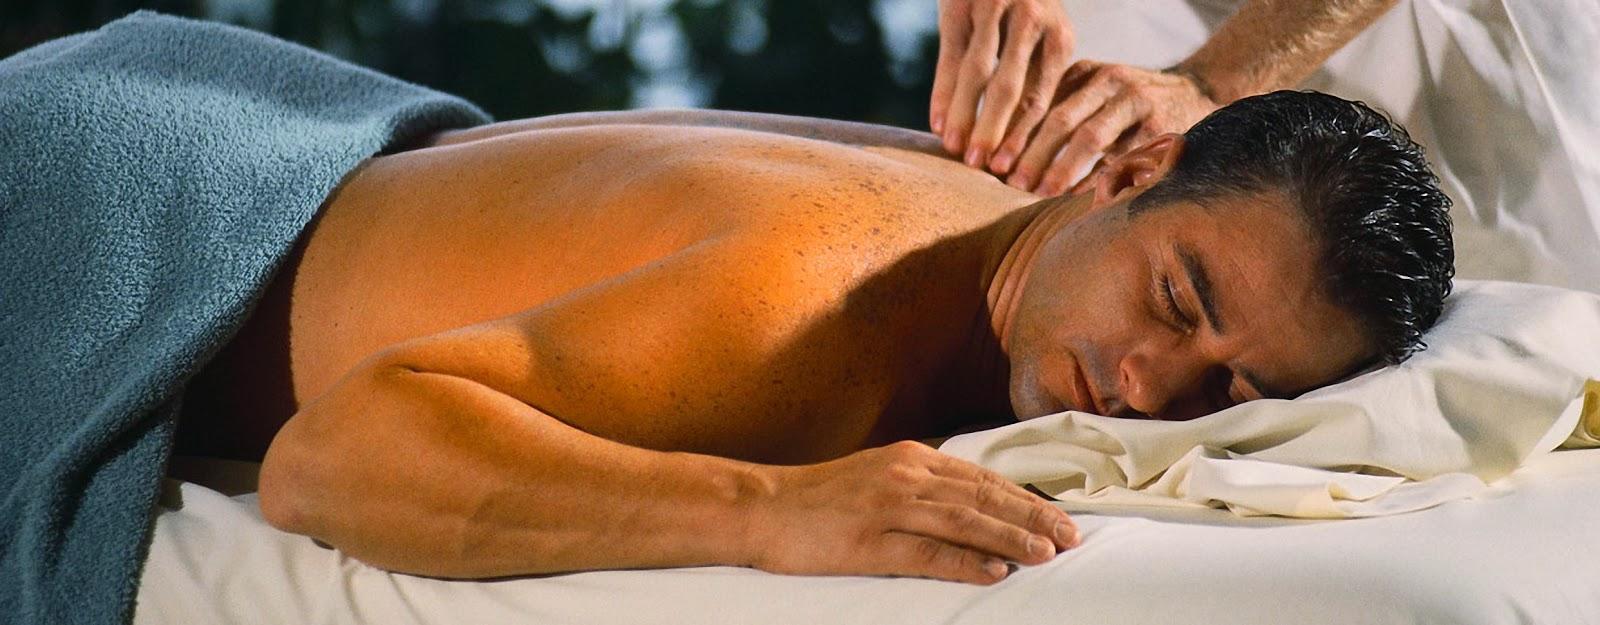 Manfaat Pijat | Urut | Massage Tradisional Surabaya